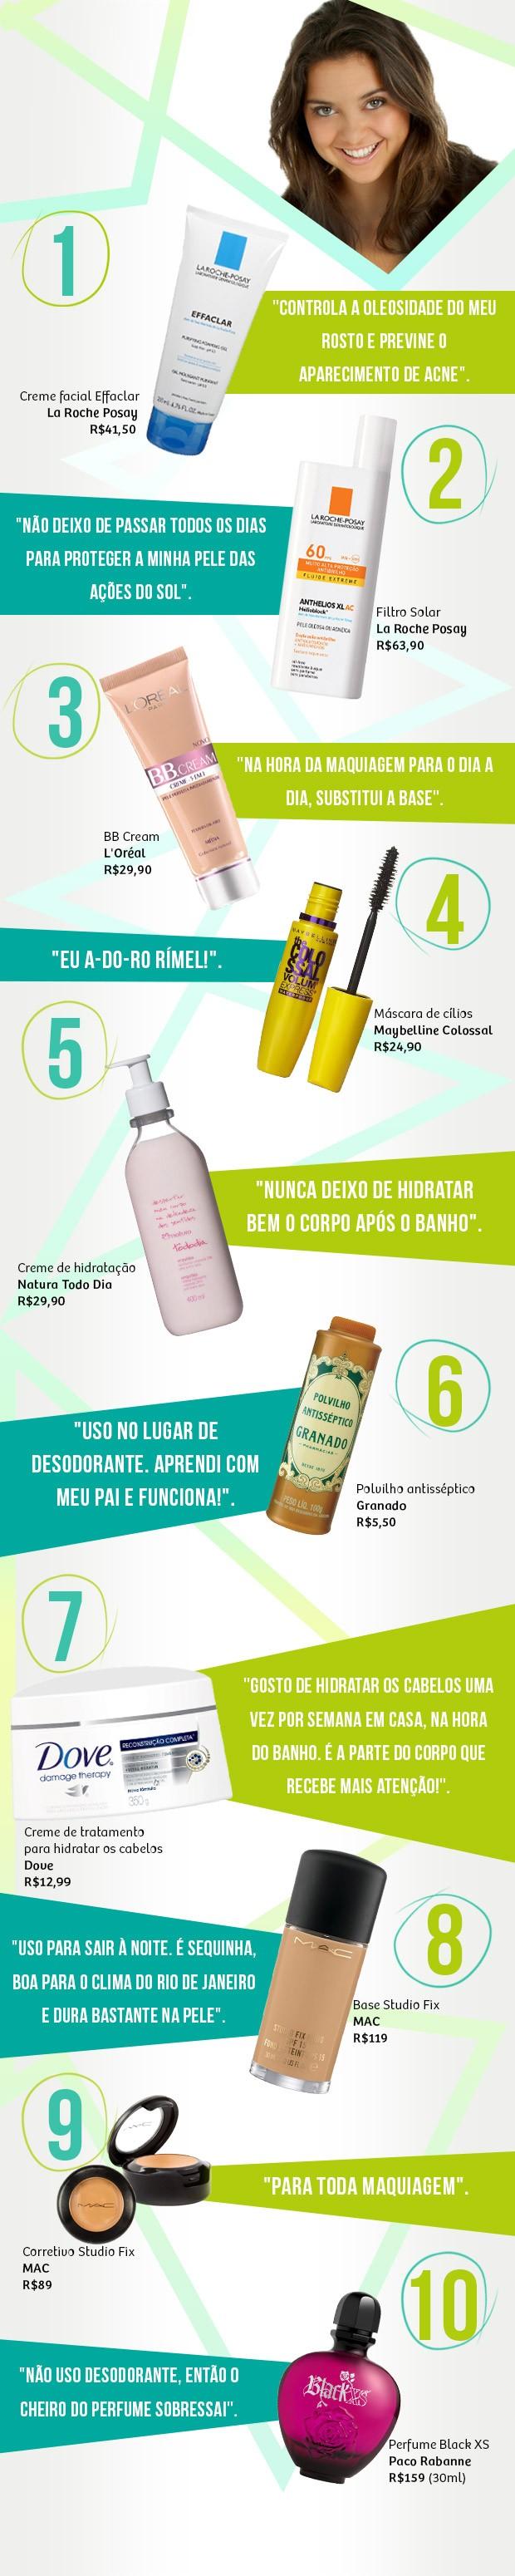 Top 10 Polliana Aleixo  (Foto: Leila Medeiros)